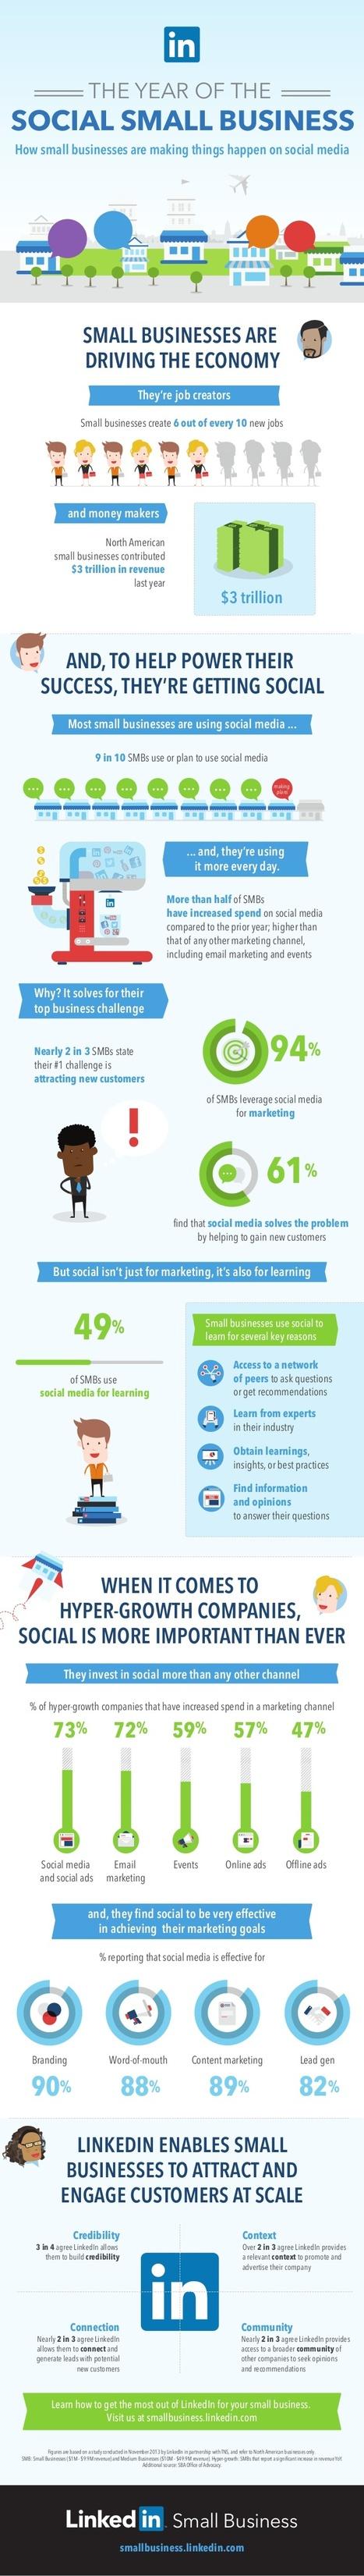 Cómo usan las pymes las Redes Sociales #infografia #infographic #socialmedia | Comunicación, desarrollo, social media, E-learning y TIC | Scoop.it